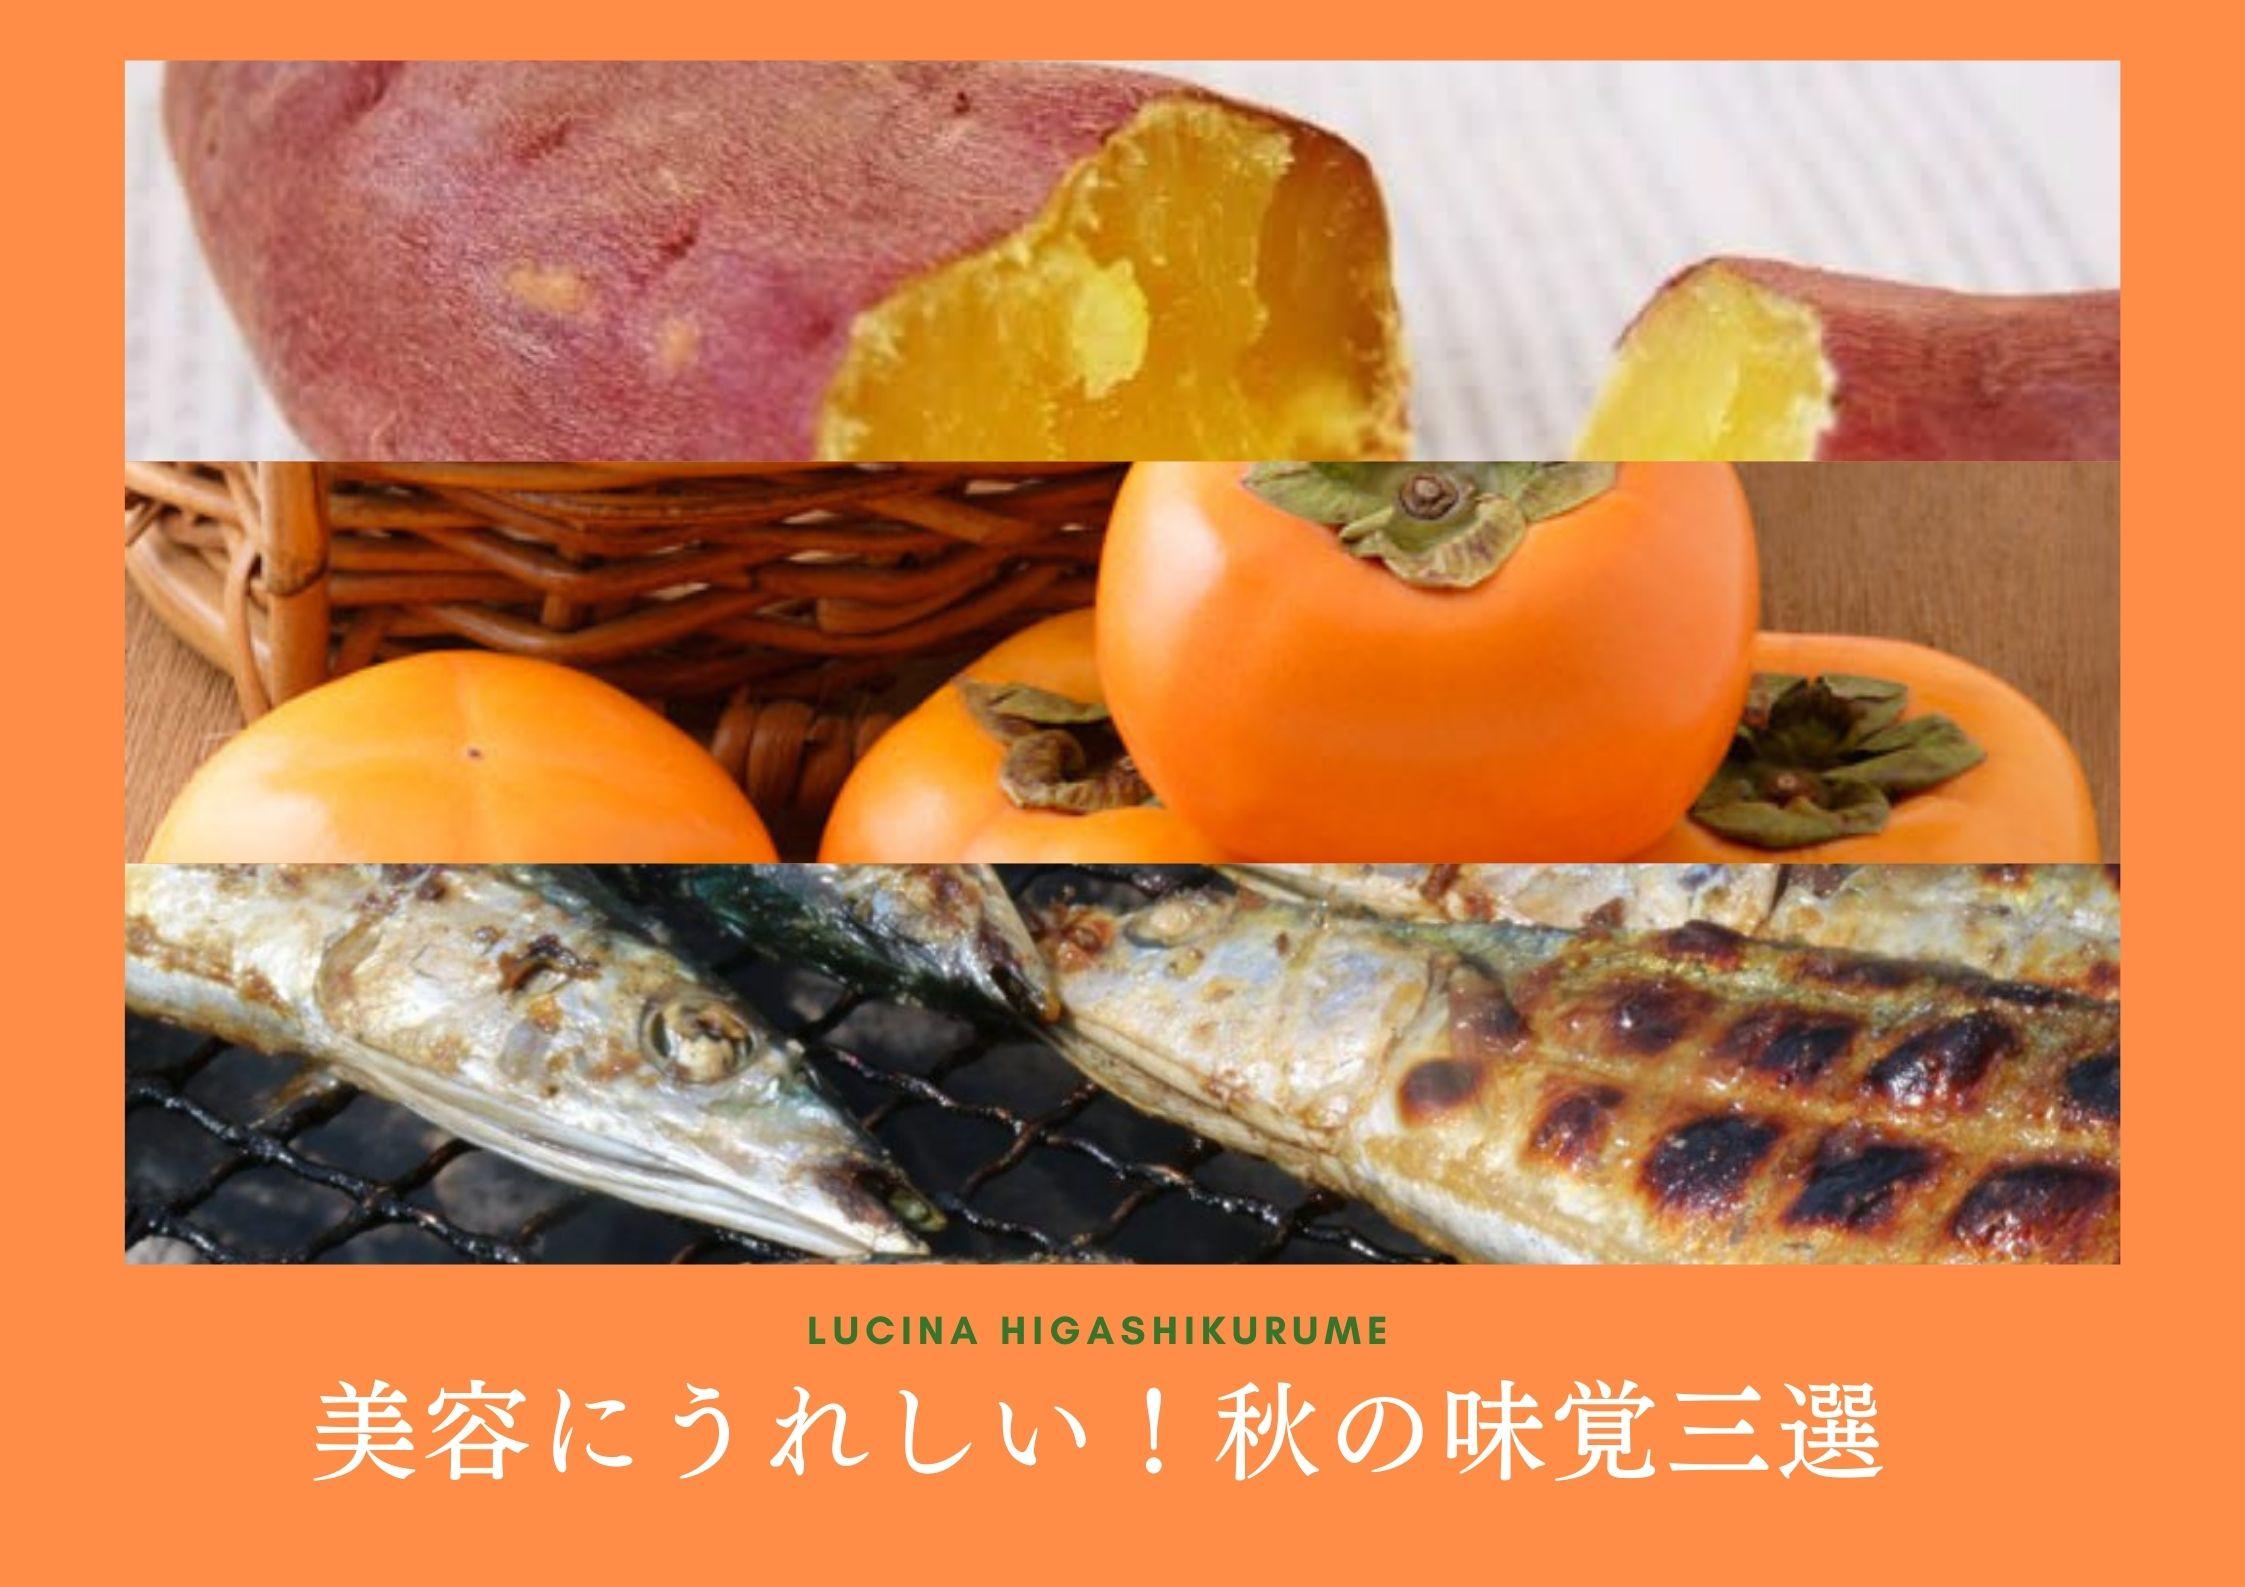 💕コラーゲンランプと合わせて💕美容にうれしい!秋の味覚三選🍠